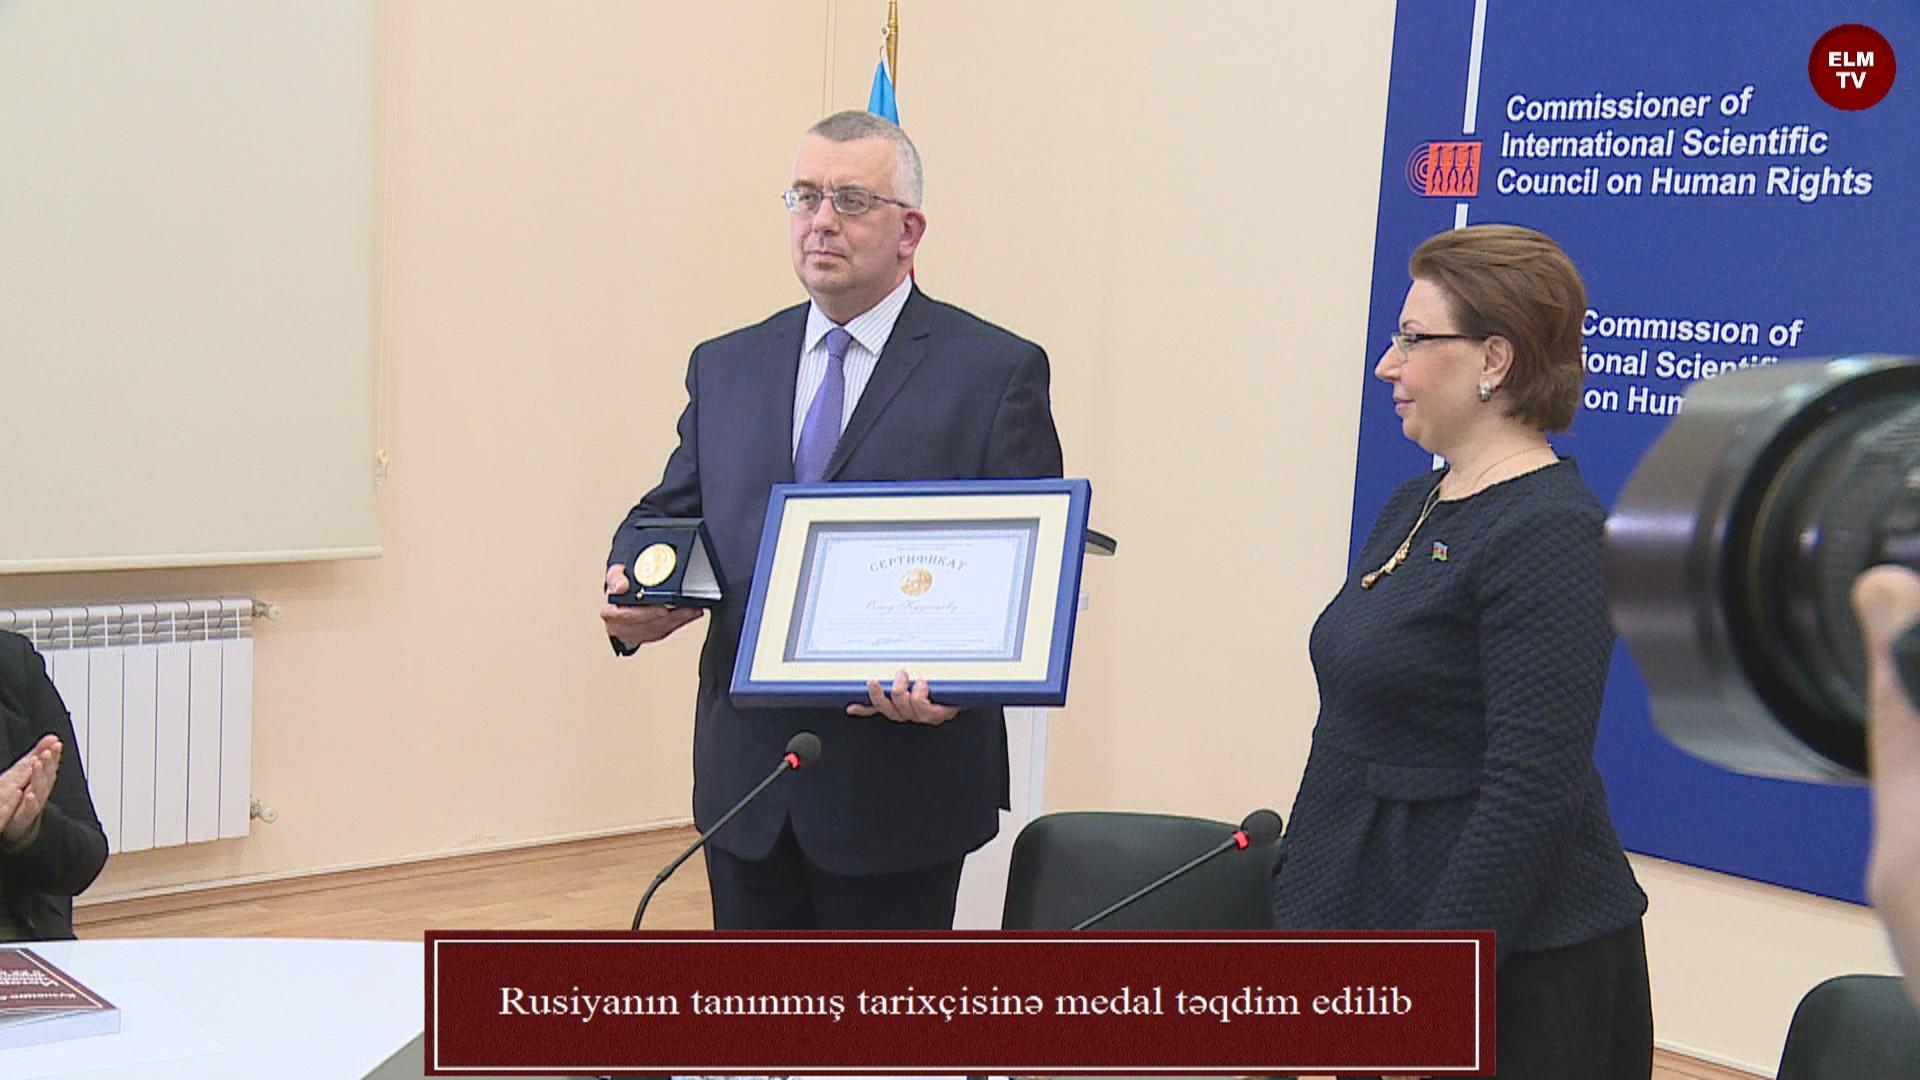 Rusiyanın tanınmış tarixçisinə medal təqdim edilib